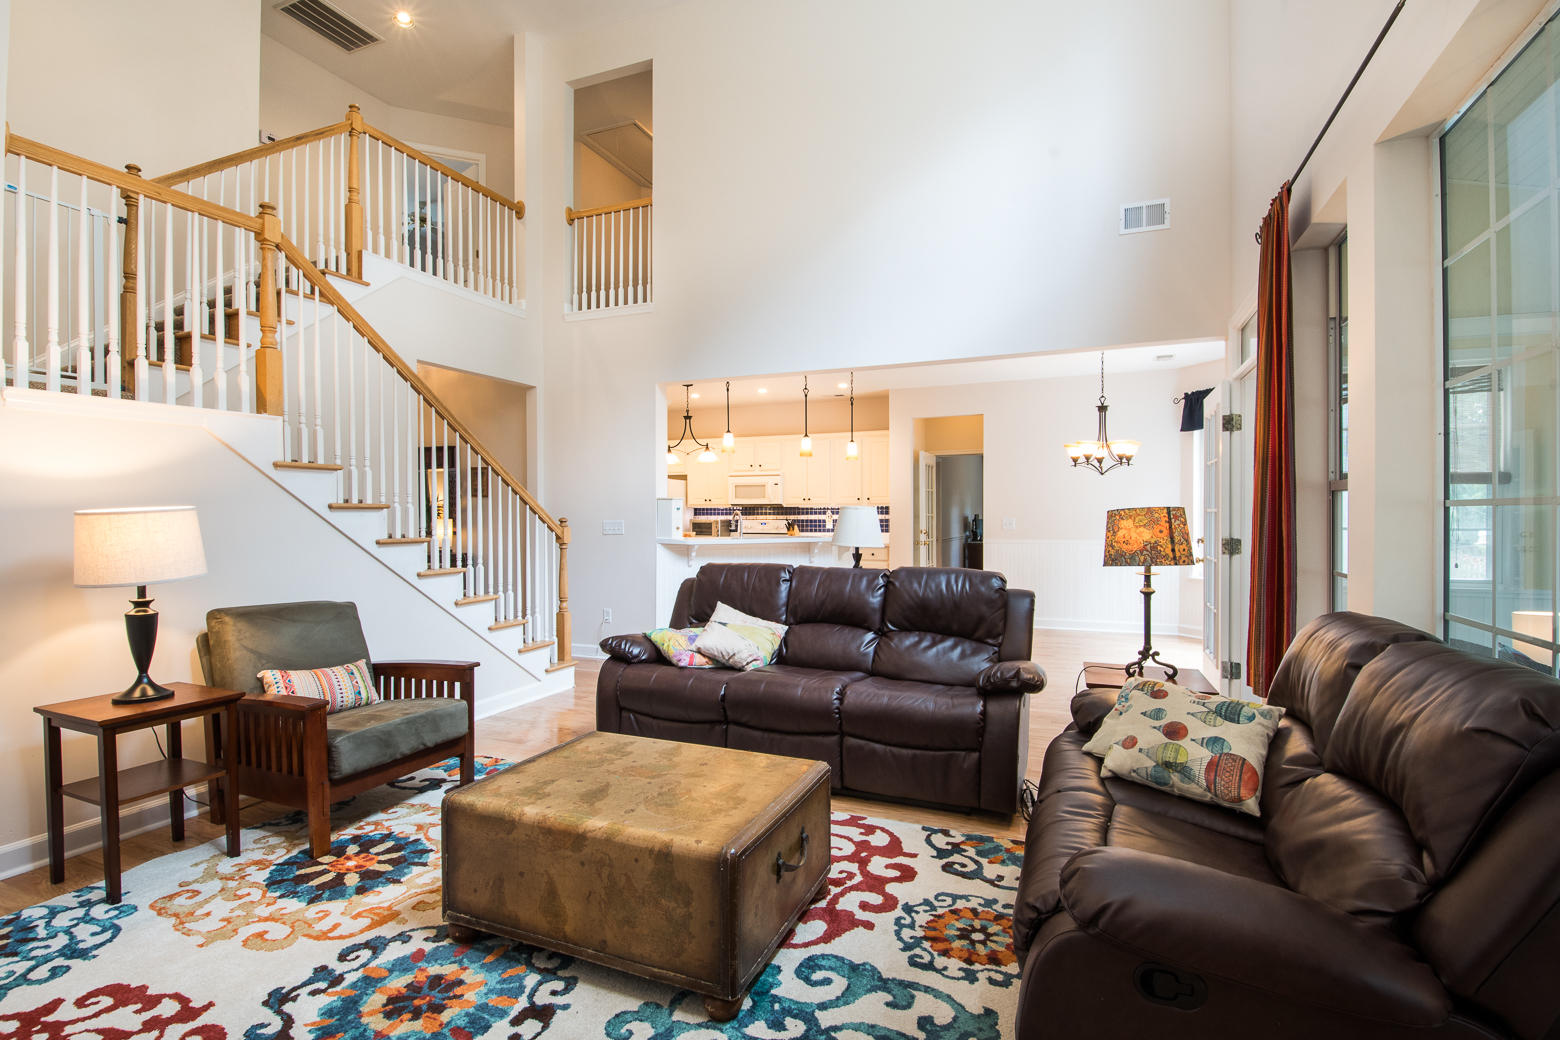 Dunes West Homes For Sale - 1111 Black Rush, Mount Pleasant, SC - 27